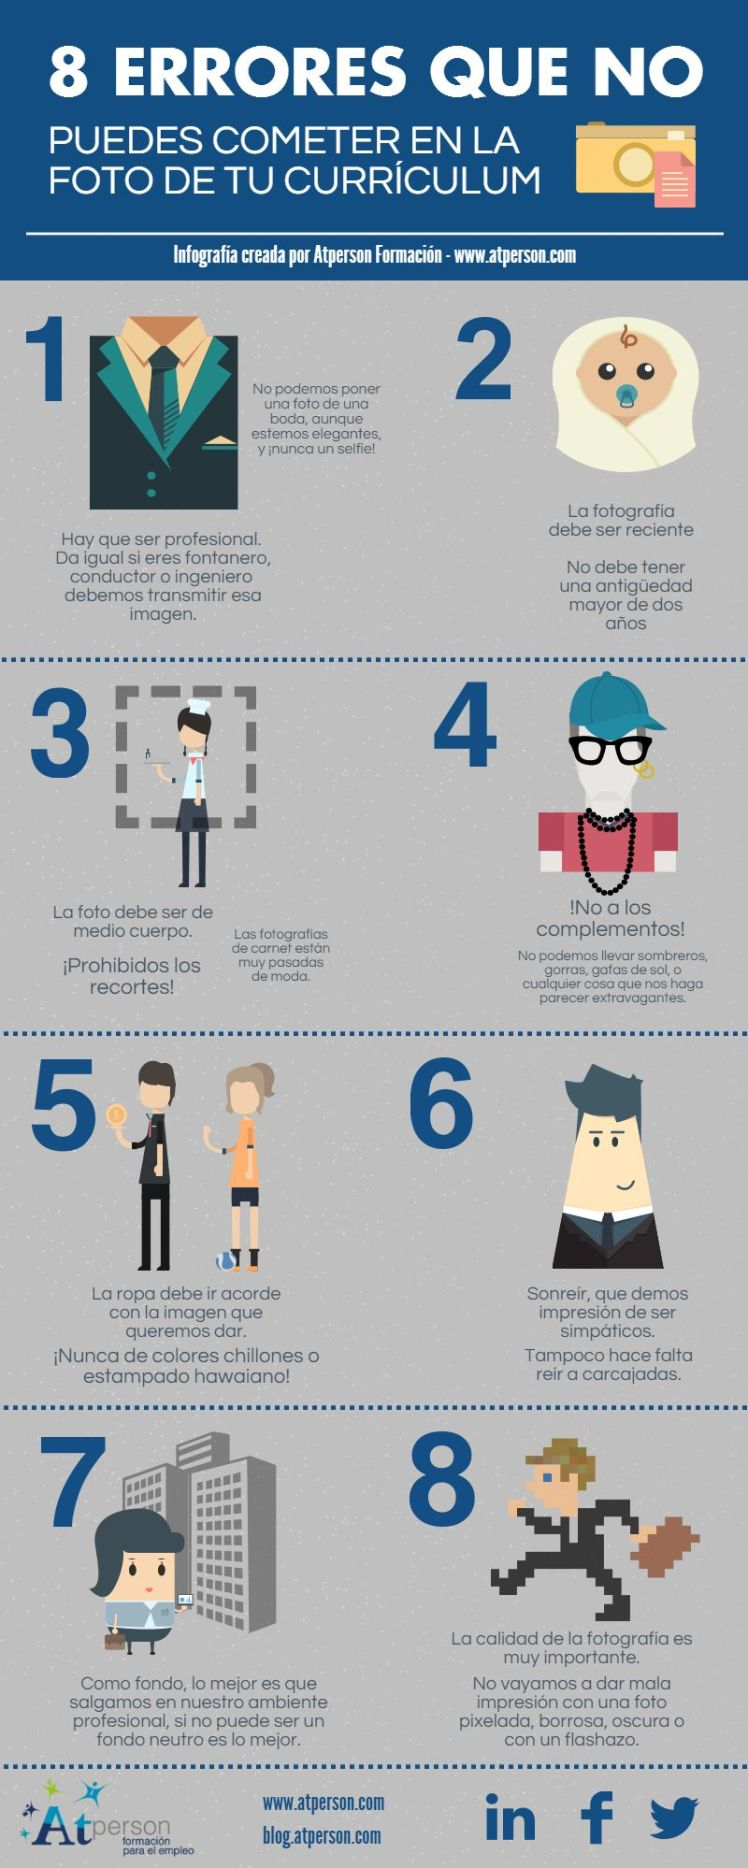 Cuestiones a evitar con la foto de tu CV